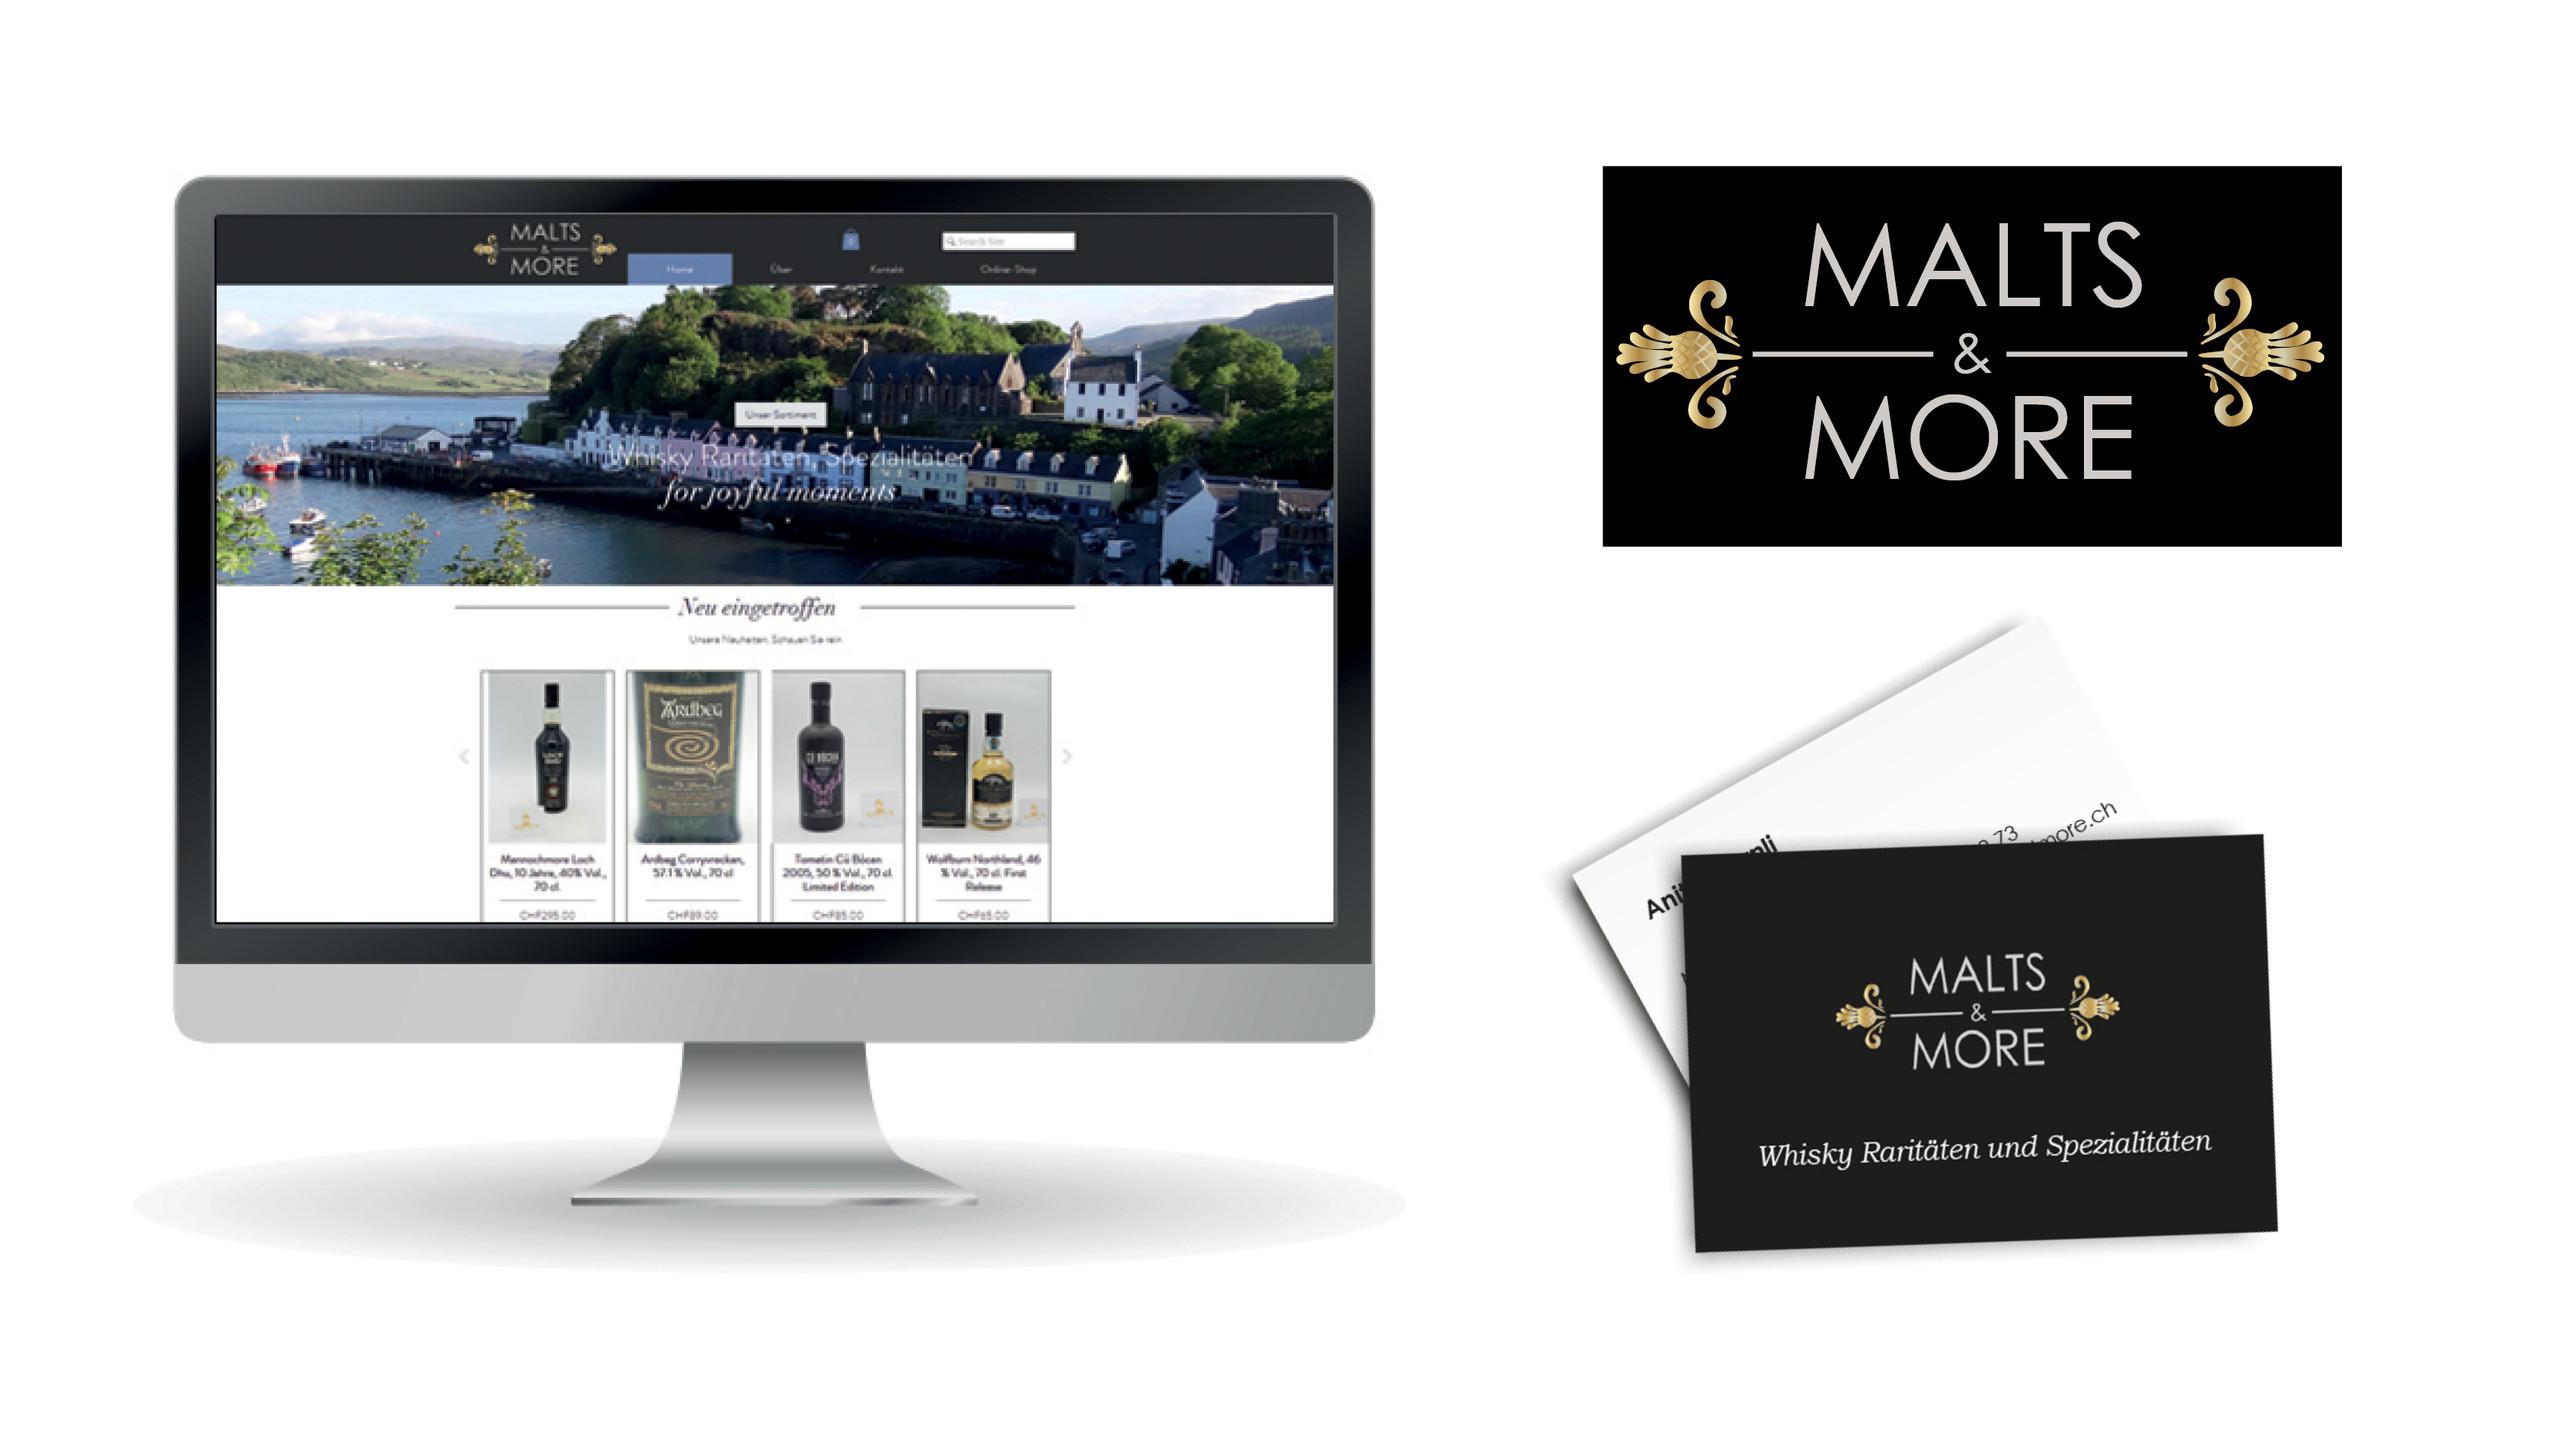 Malts & more